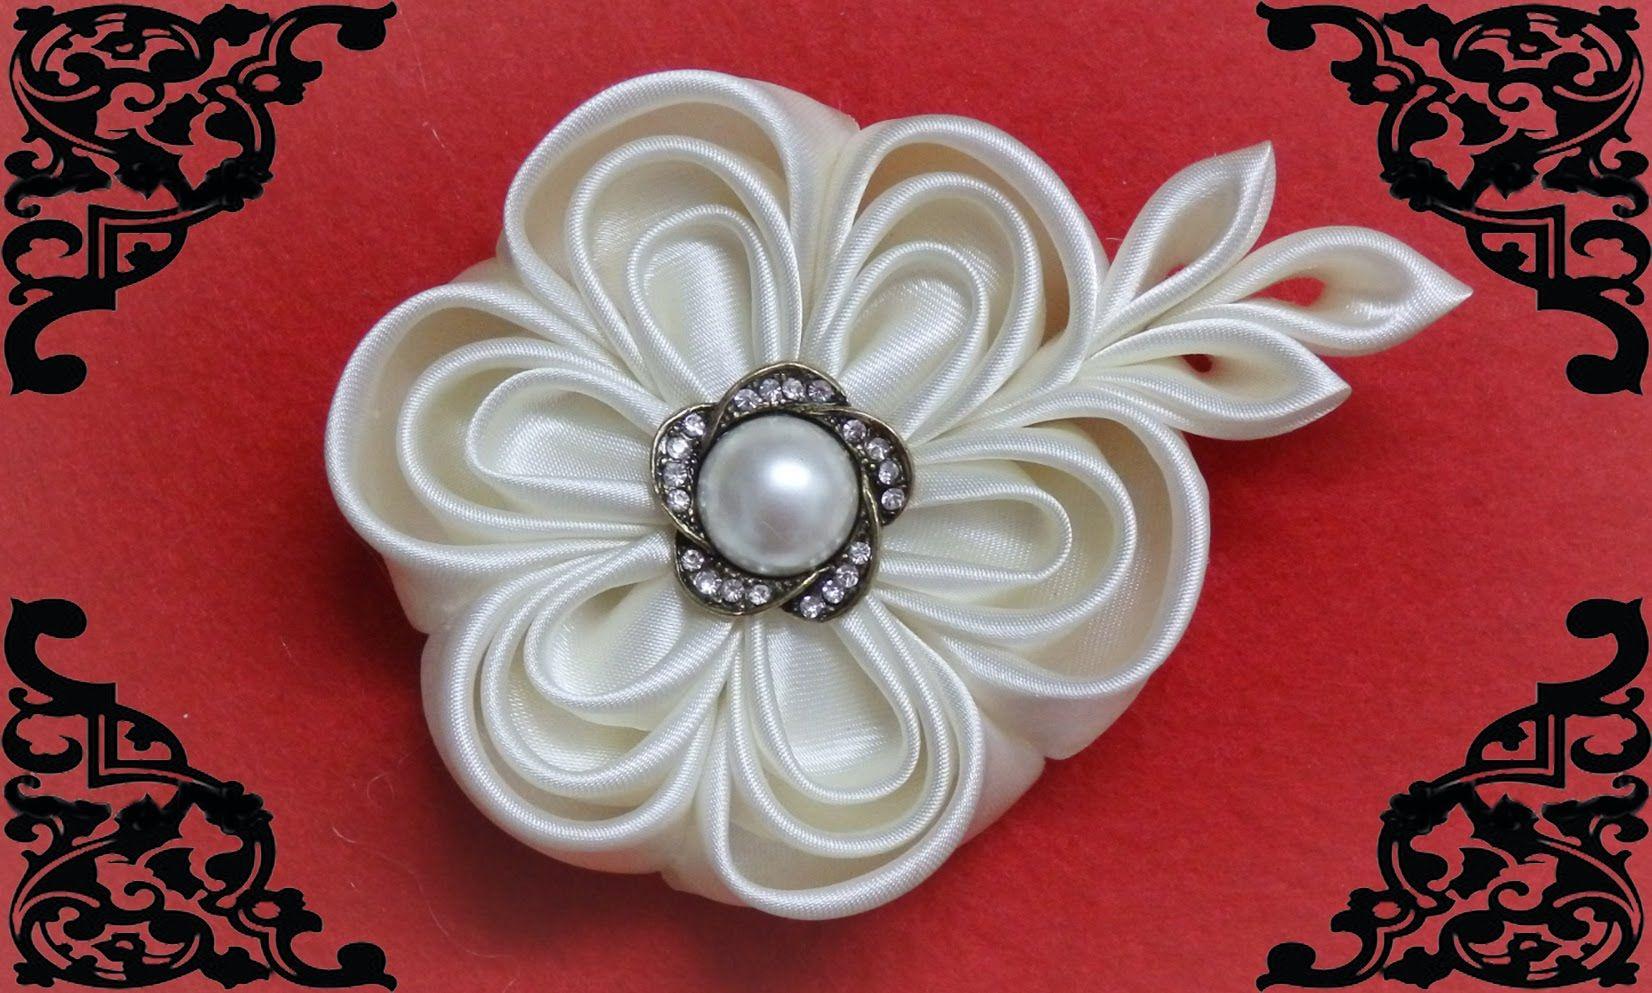 Diy kanzashi flower wedding kanzashi flower accessoire - Como hacer adornos para el pelo ...